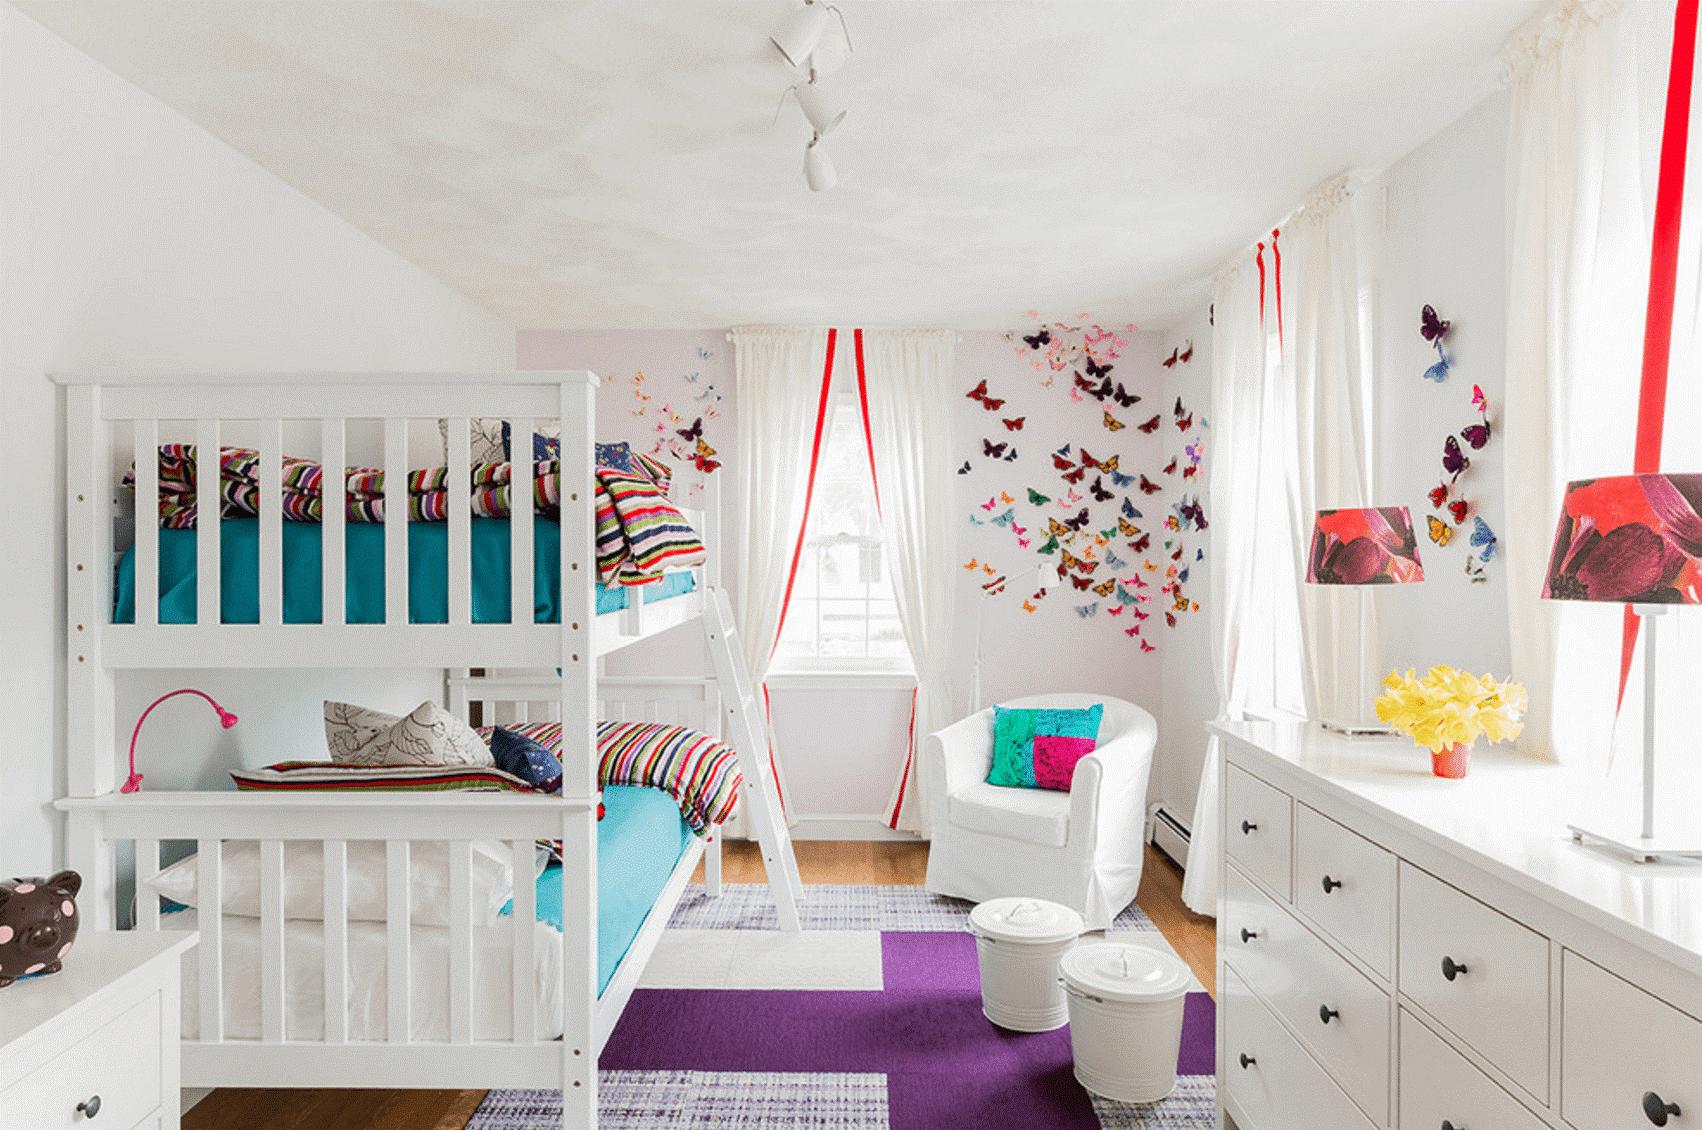 Ý tưởng thiết kế phòng ngủ cho bé